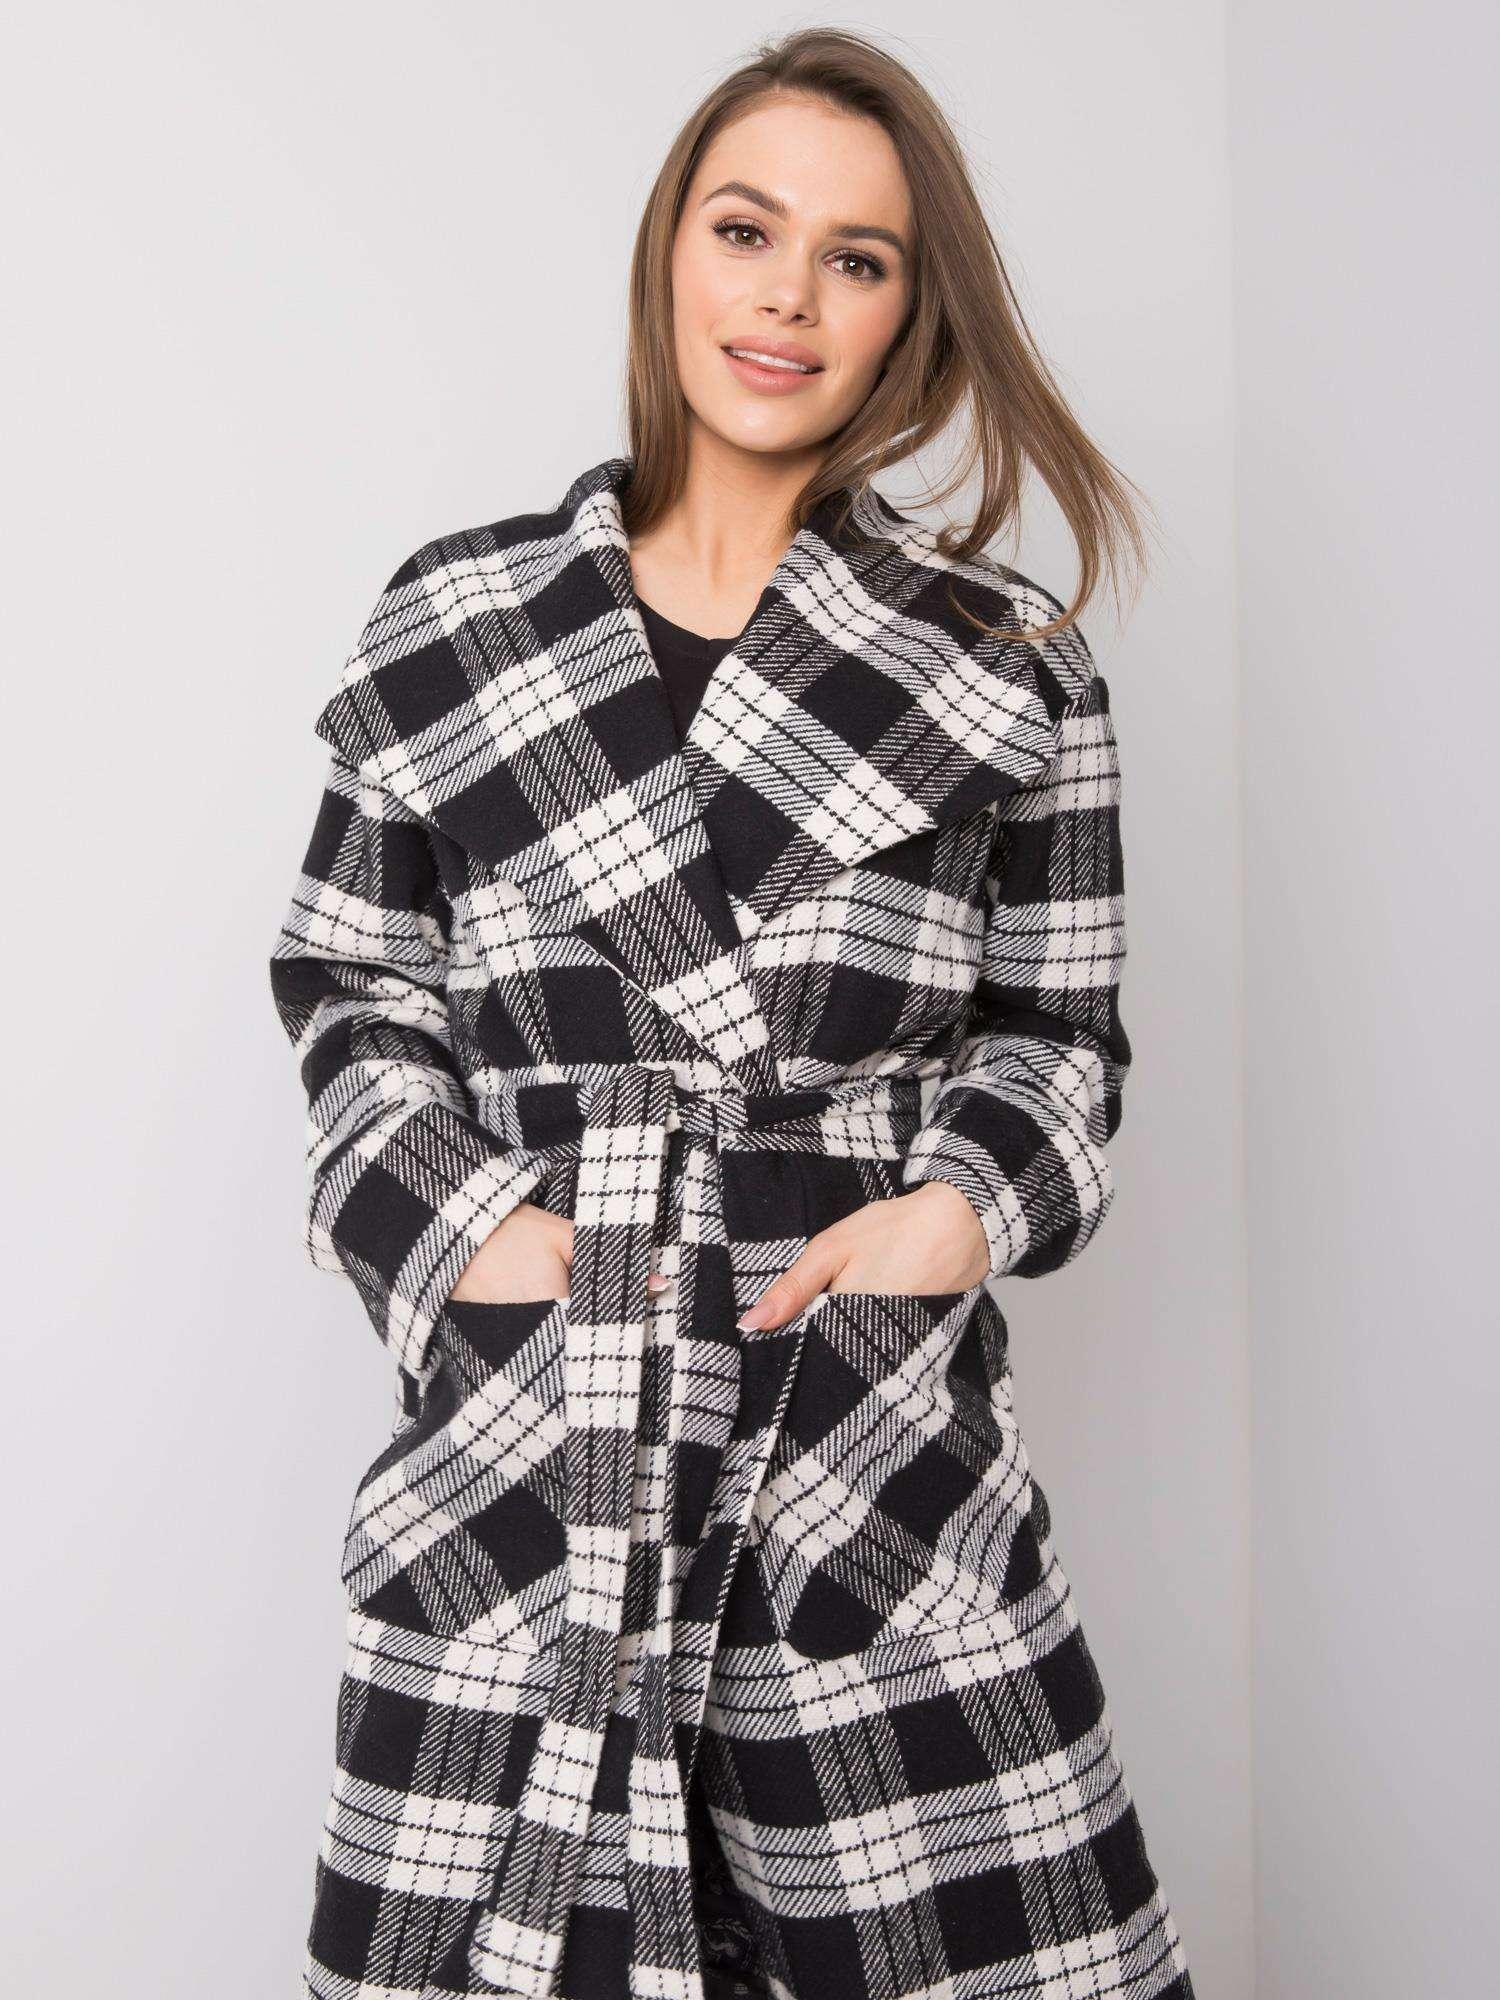 Dlouhý černý a bílý kostkovaný plášť